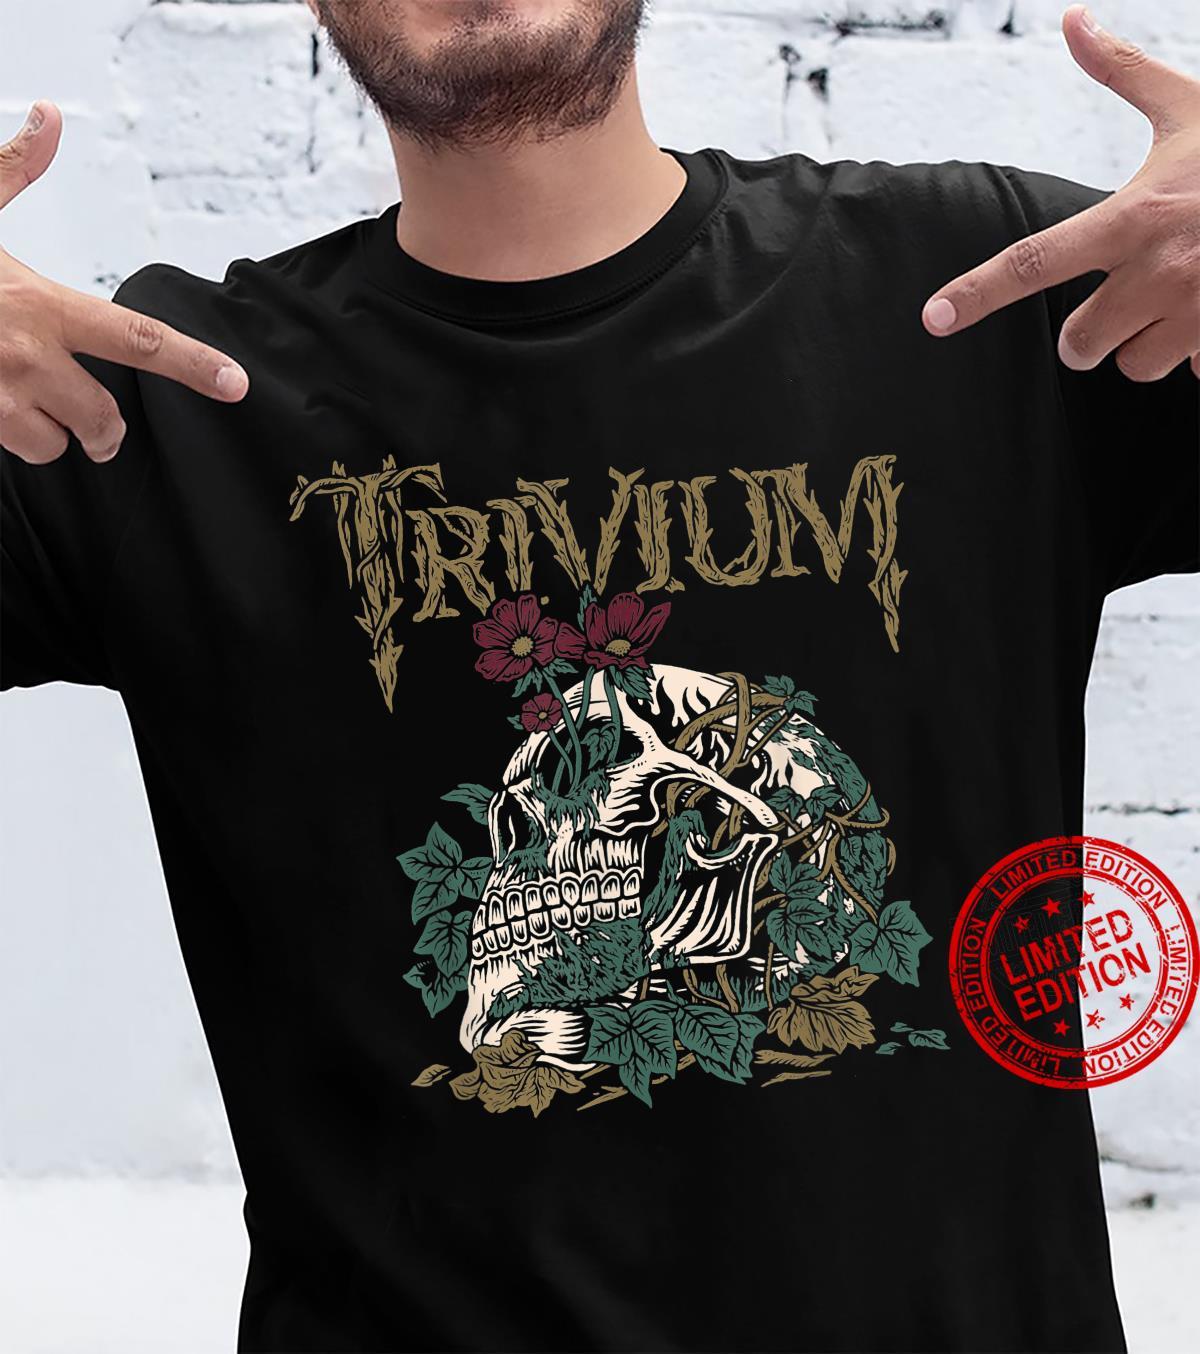 Trivium Skelly Flower Shirt